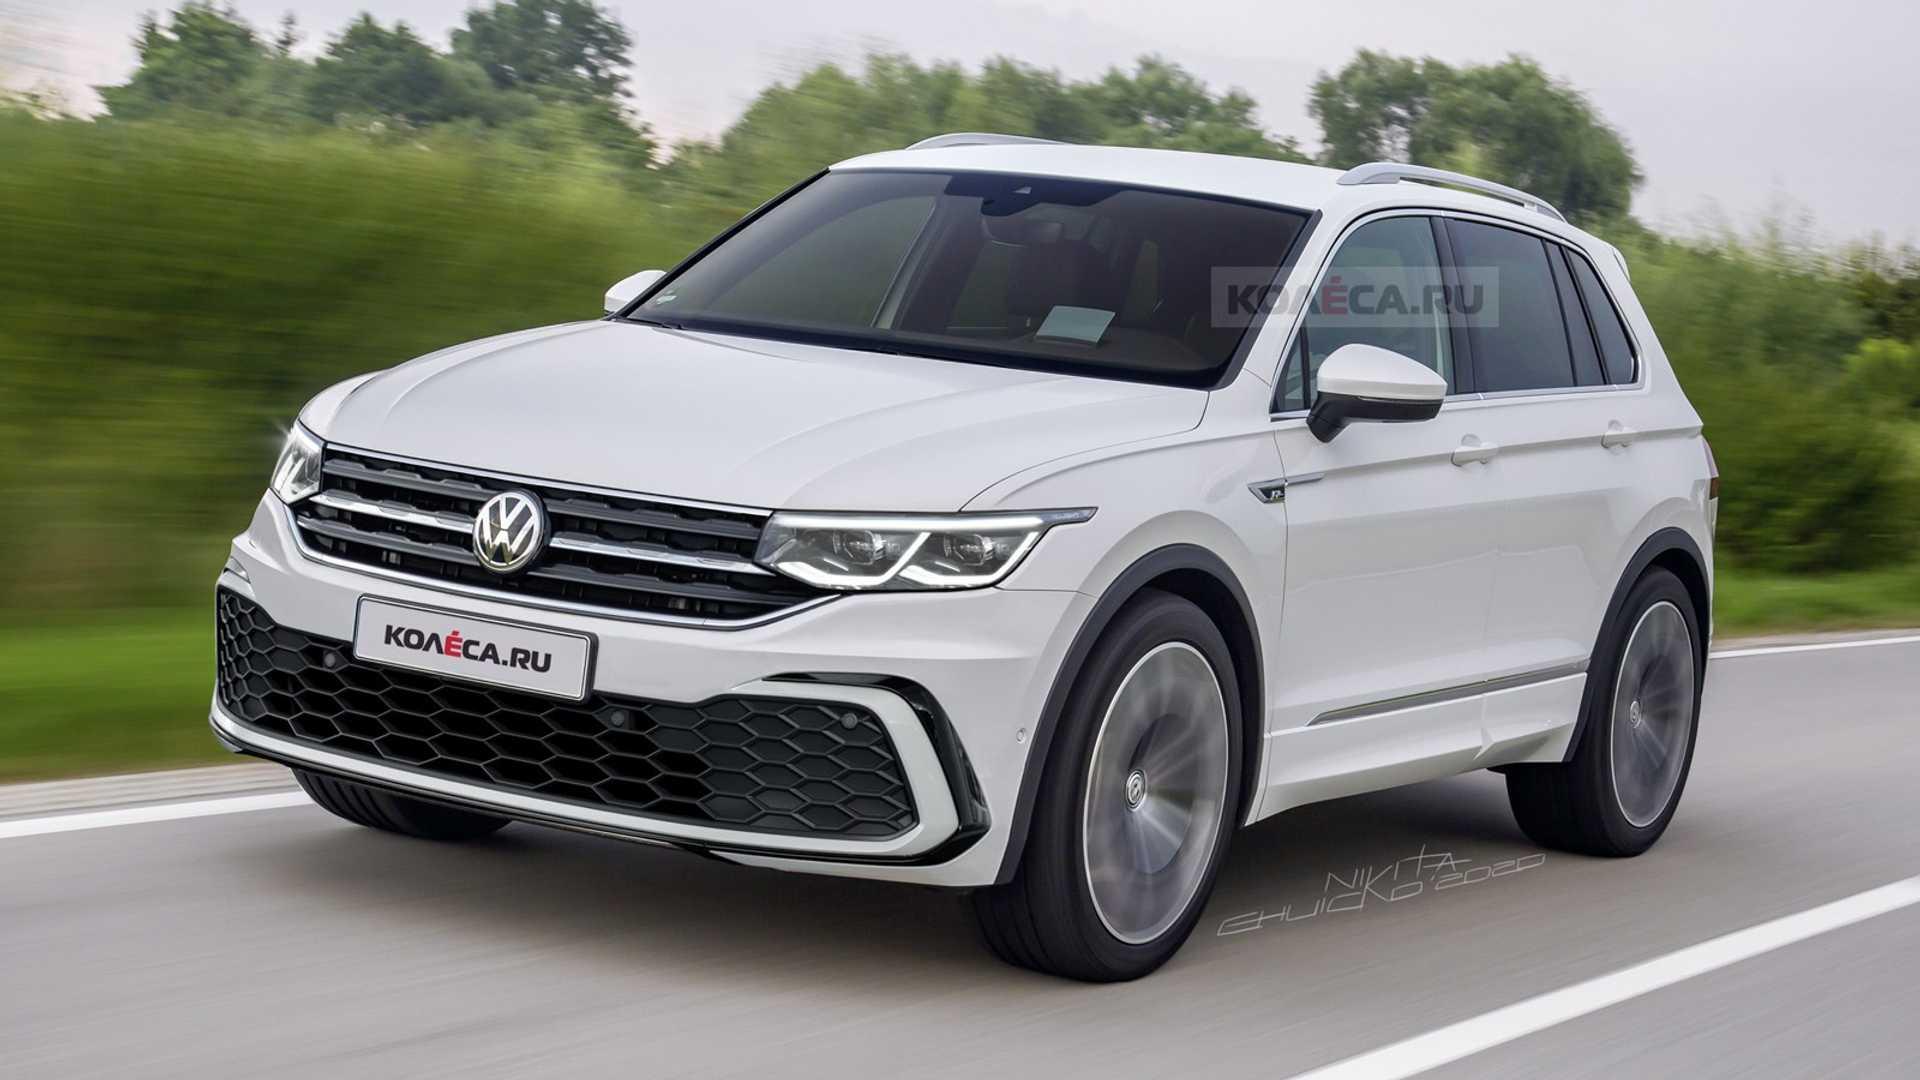 Projeção: VW Tiguan 2021 mostra novo visual baseado no Golf 8